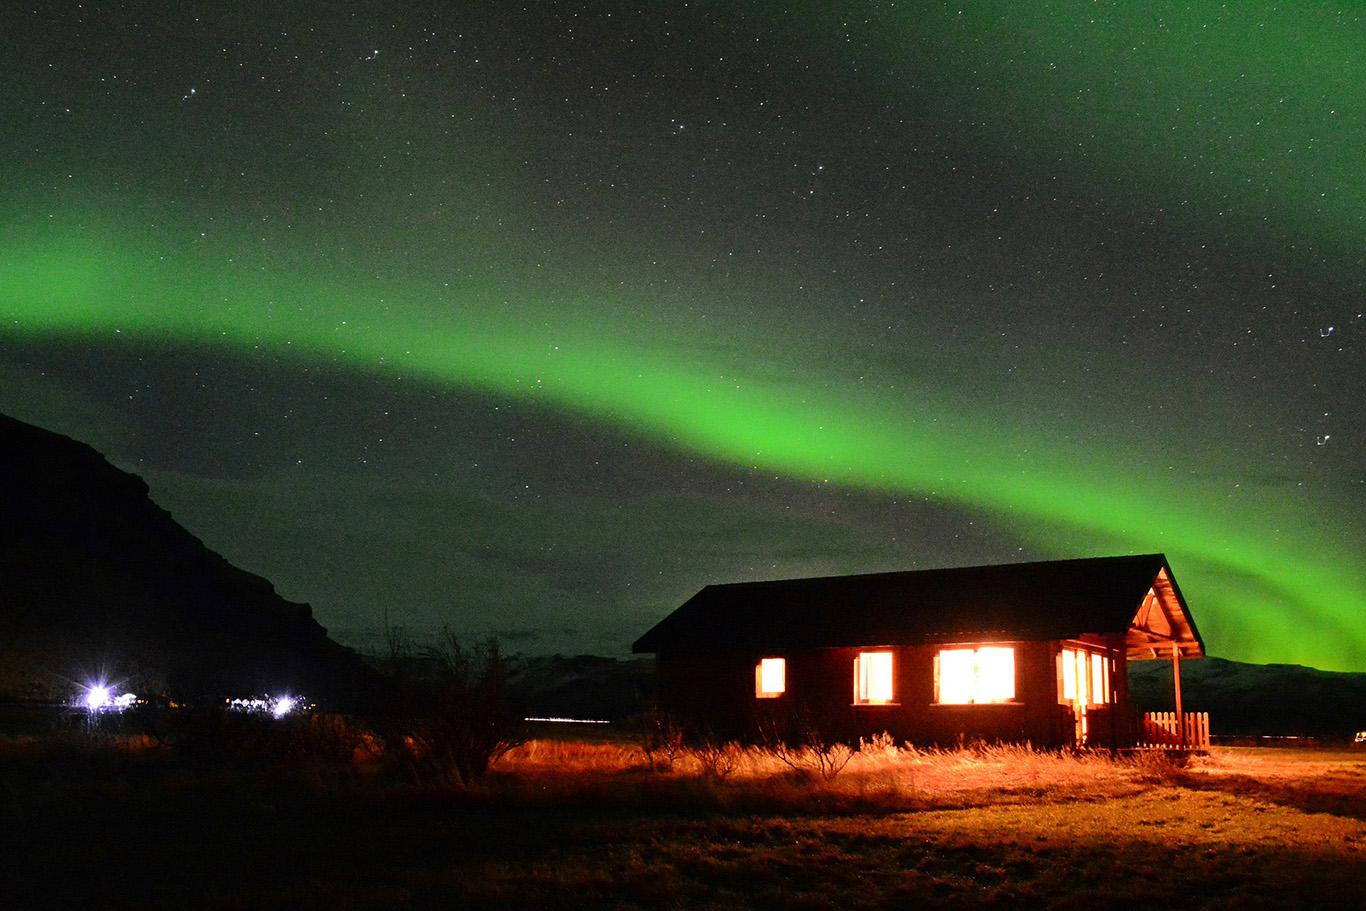 la-iarna-vedem-luminile-nordului-03